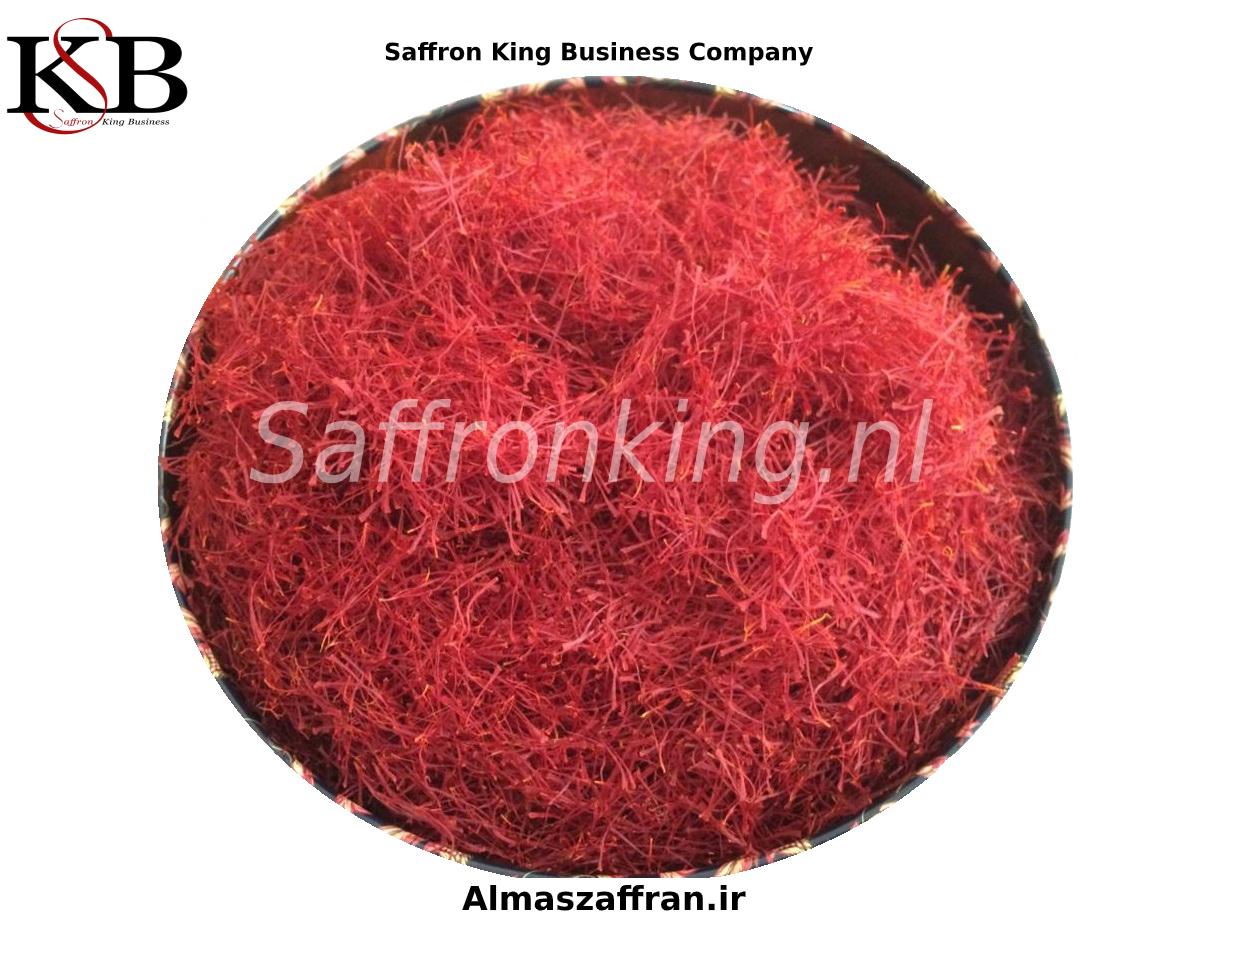 buy-best-quality-saffron